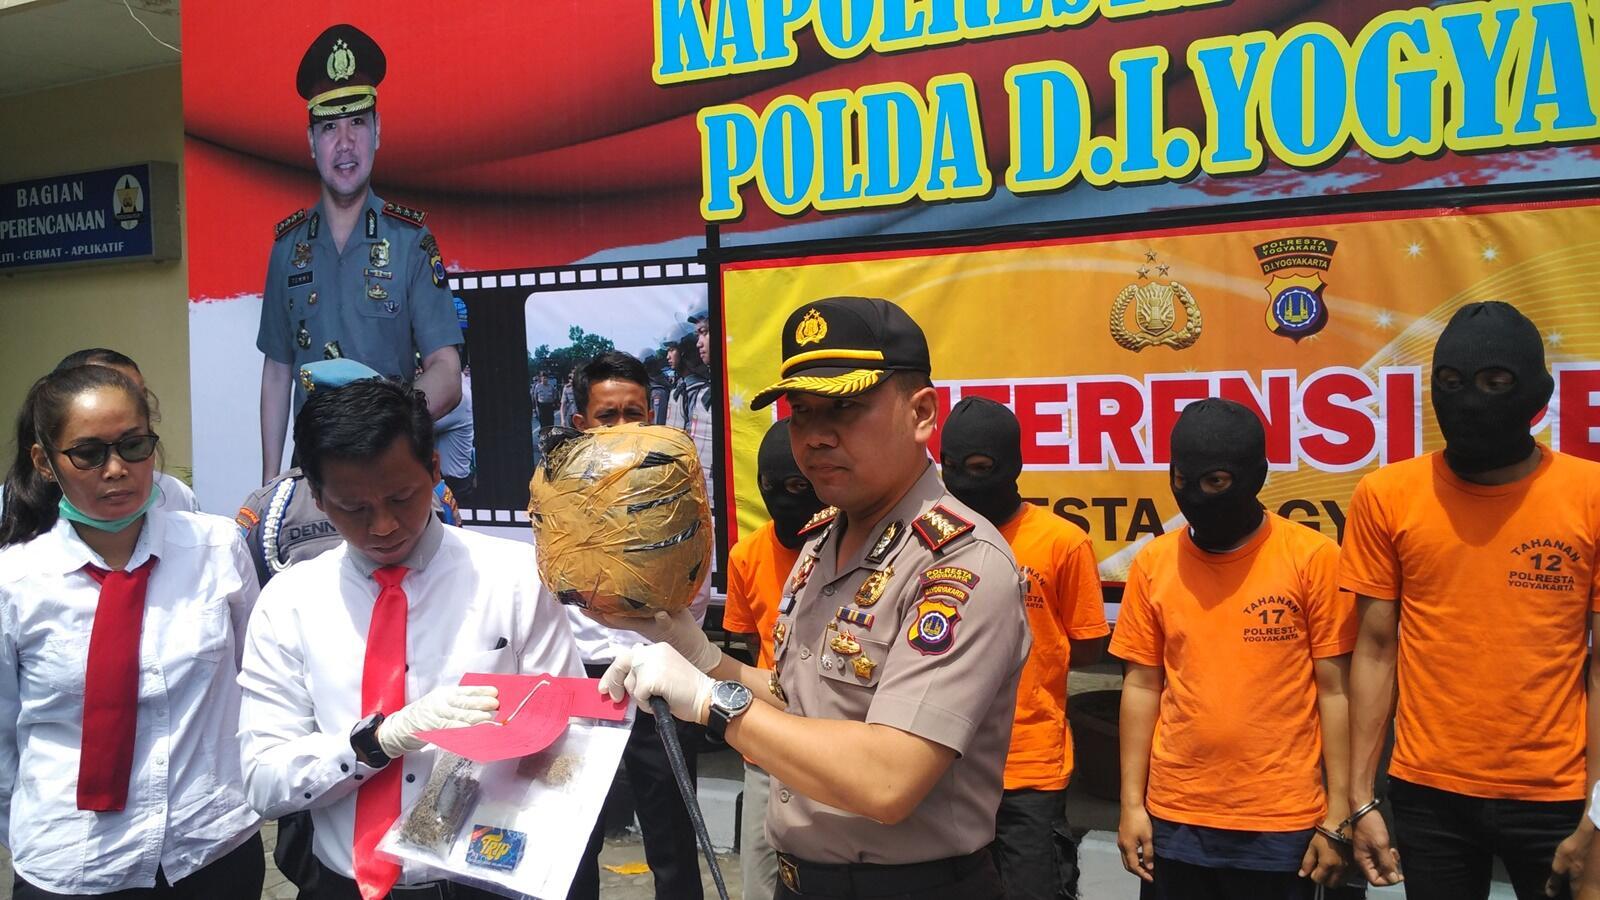 Polisi Tangkap Seorang Pengedar 2 kg Ganja di Yogyakarta